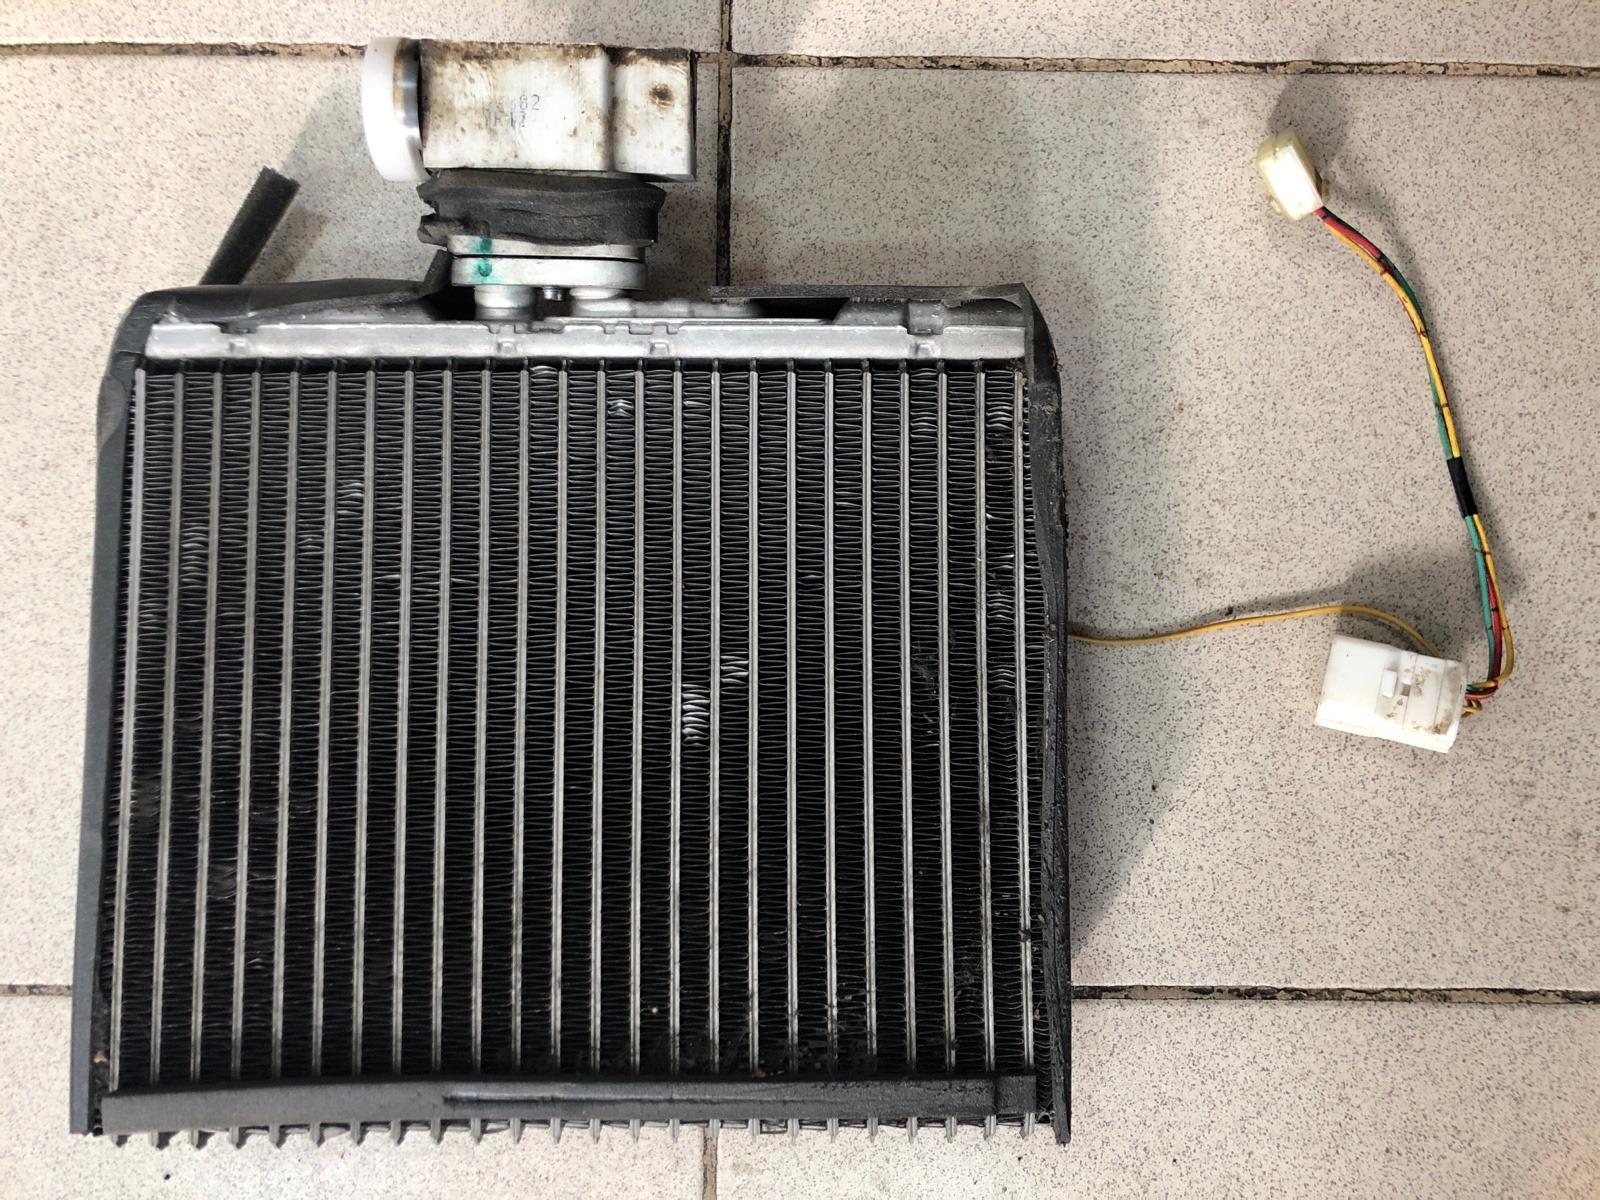 Радиатор, испаритель кондиционера Mitsubishi Lancer 9 СЕДАН 1.6 2006 (б/у)